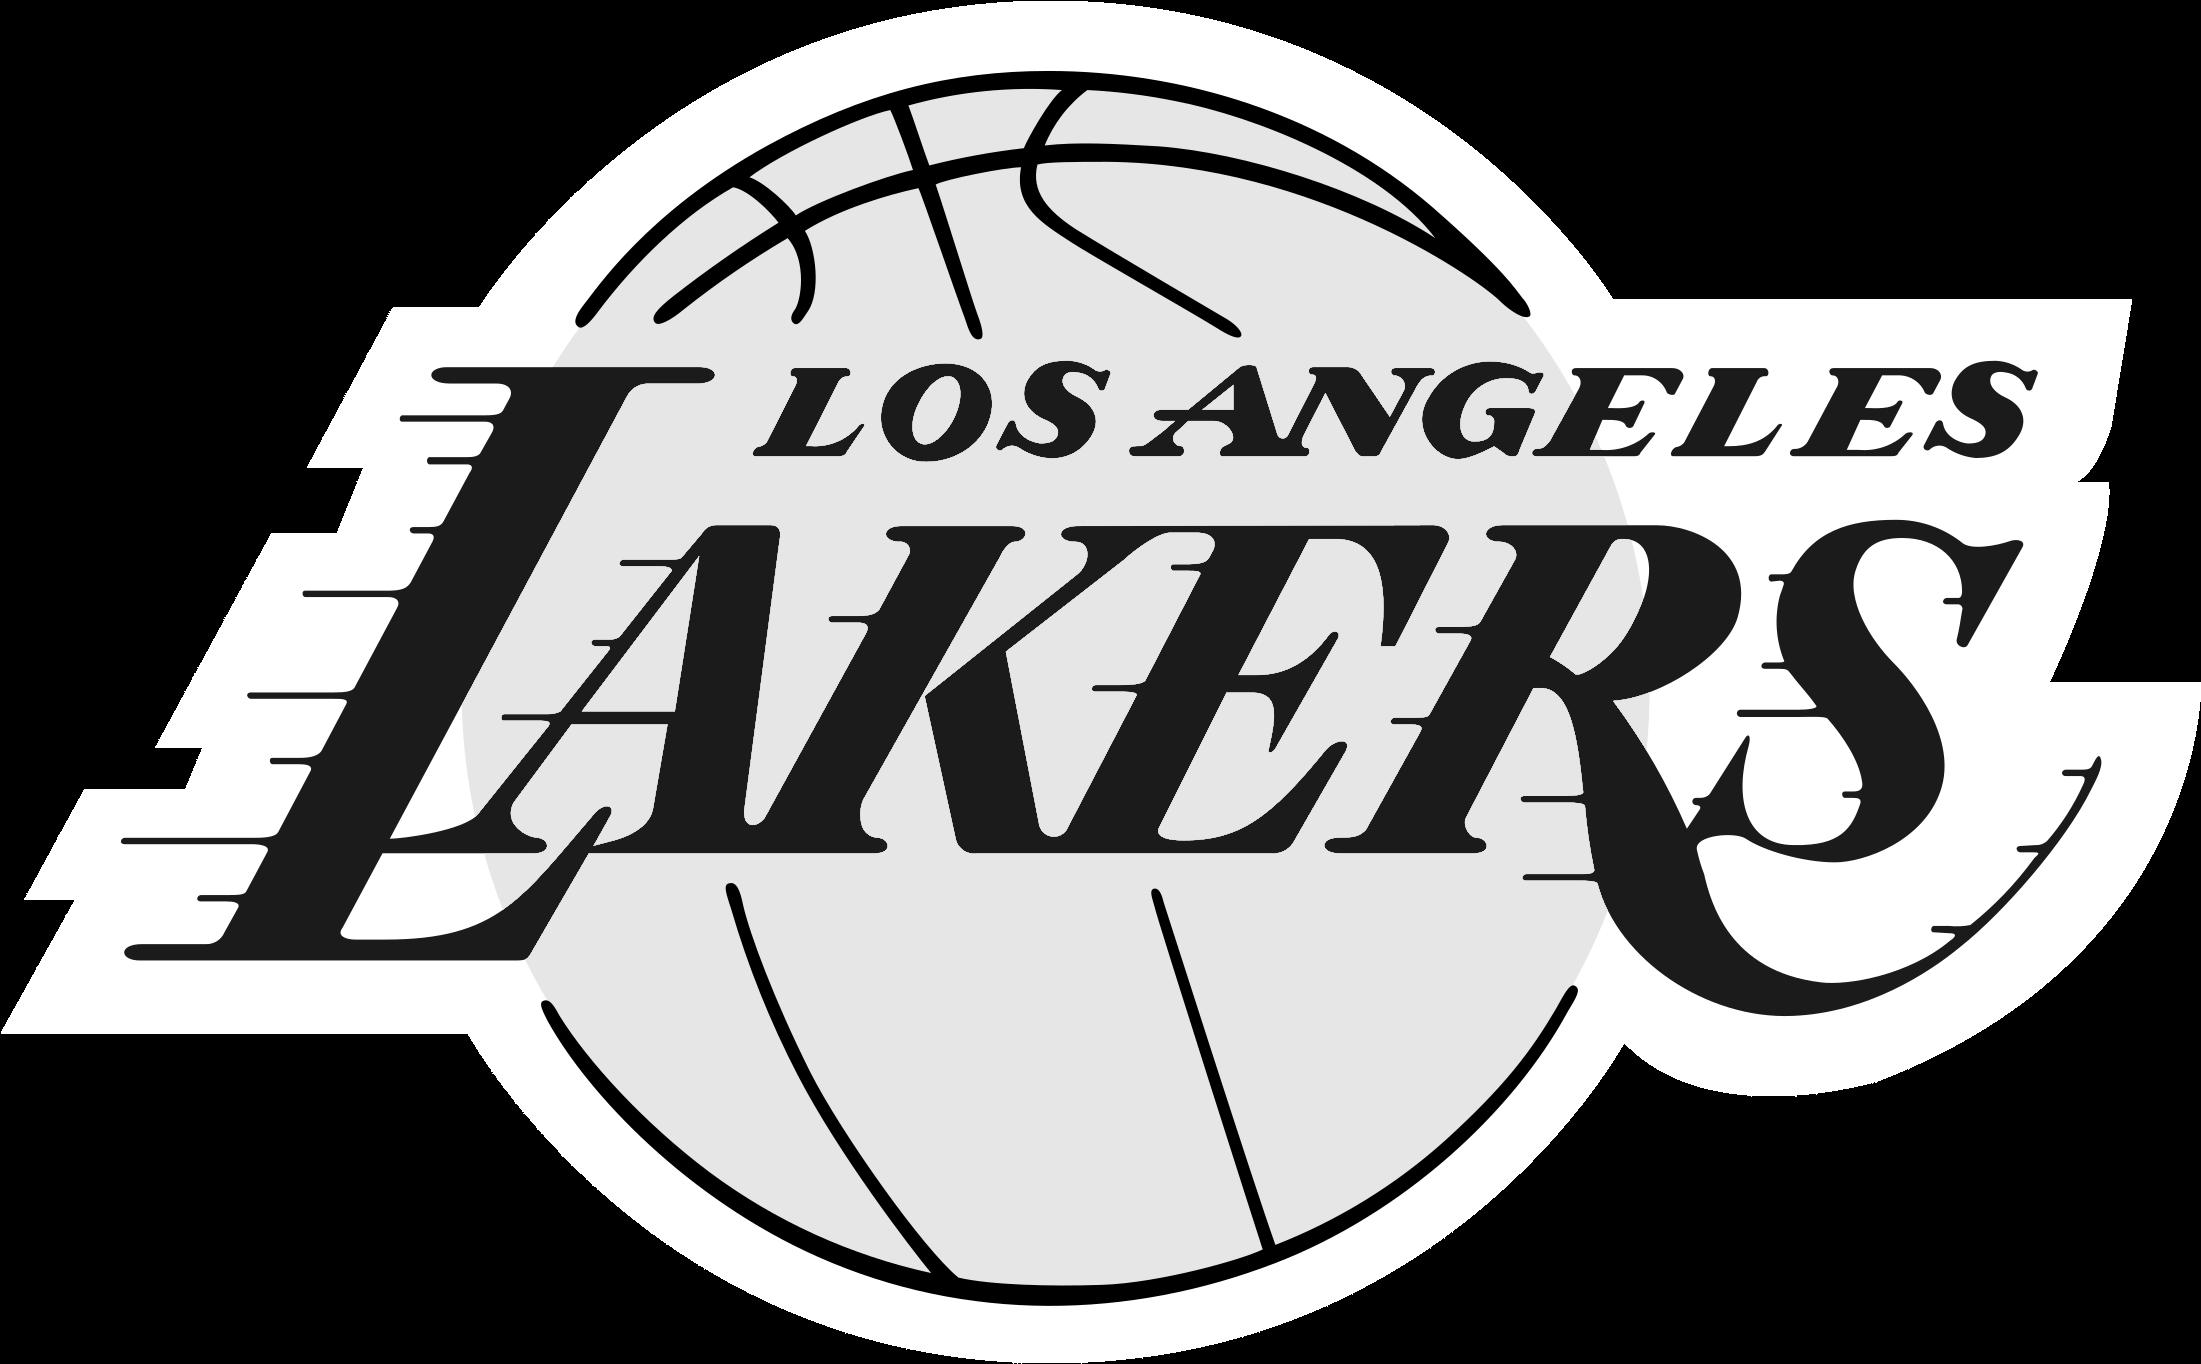 Download Svg Of Los Angeles Dodgers Logo Png Dodgers Svg Angeles Lakers Full Size Png Image Pngkit